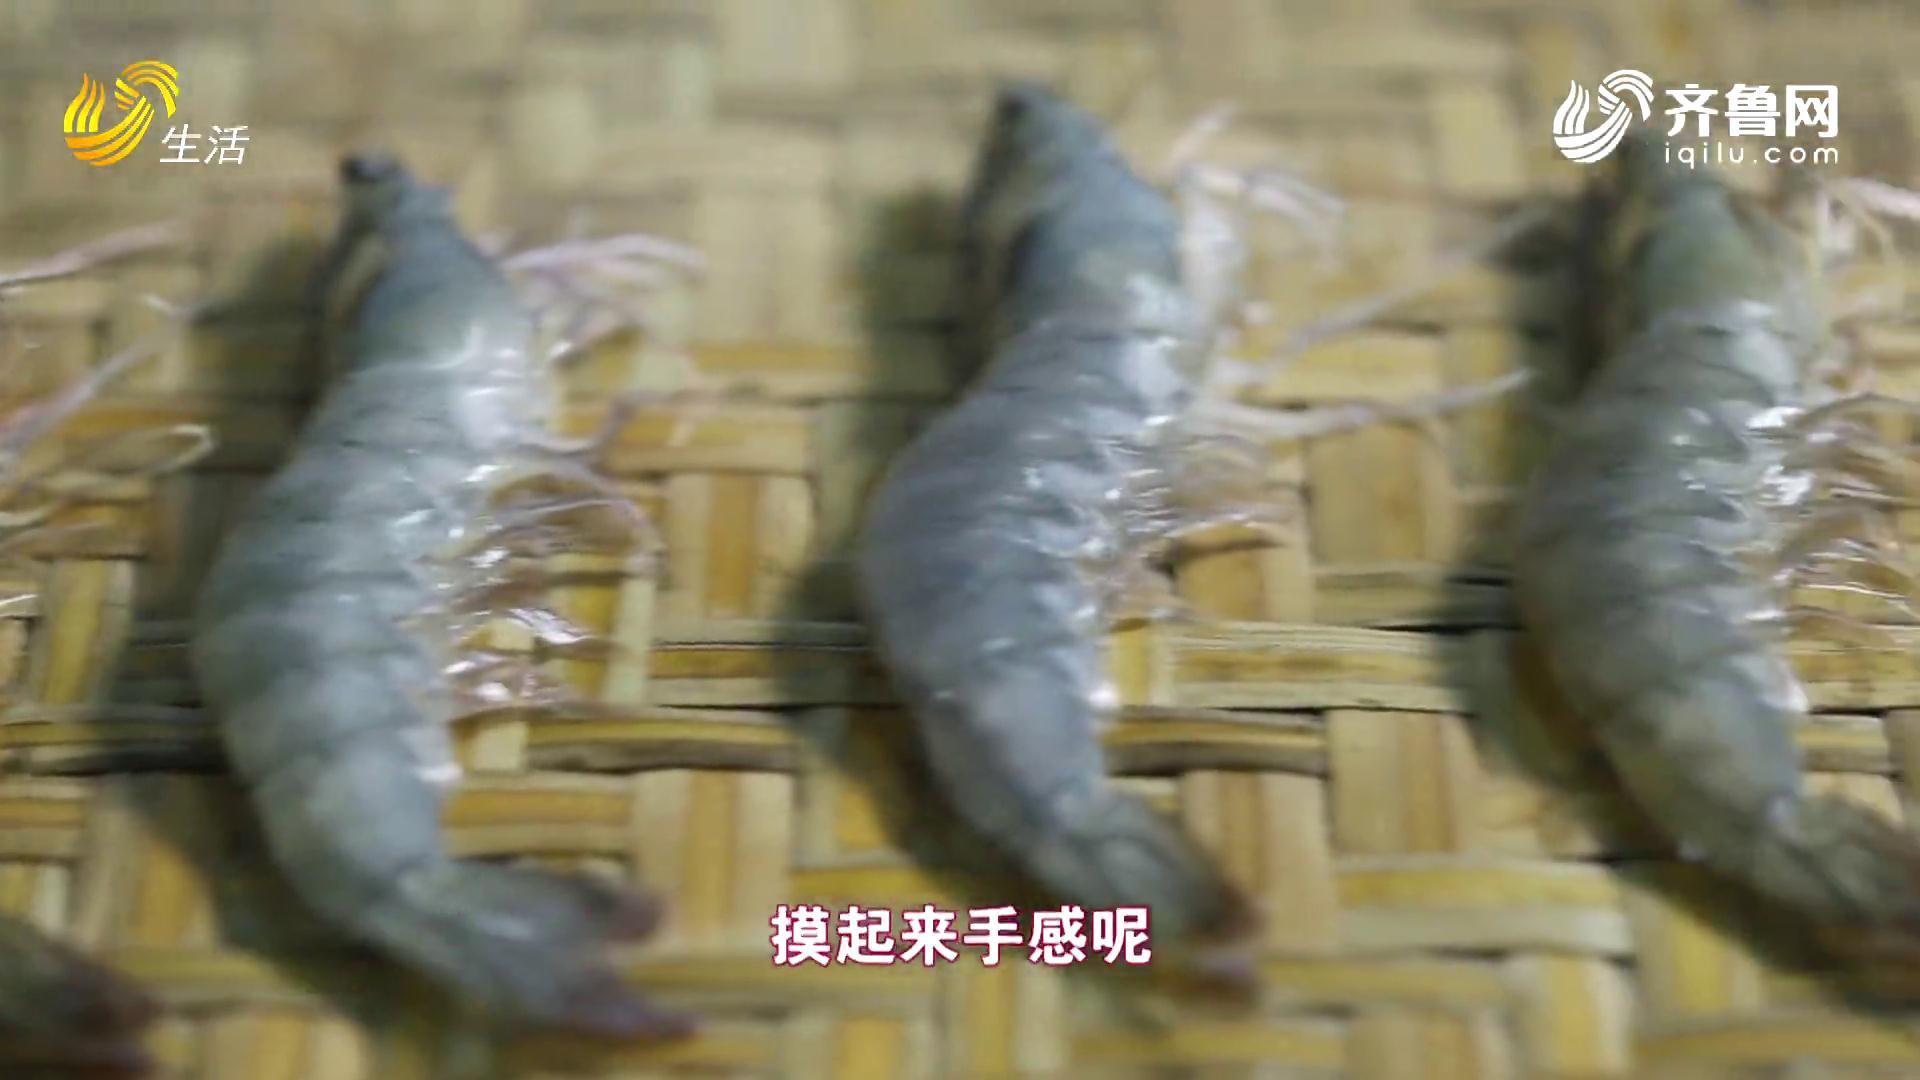 非探不可:如何挑选新鲜虾